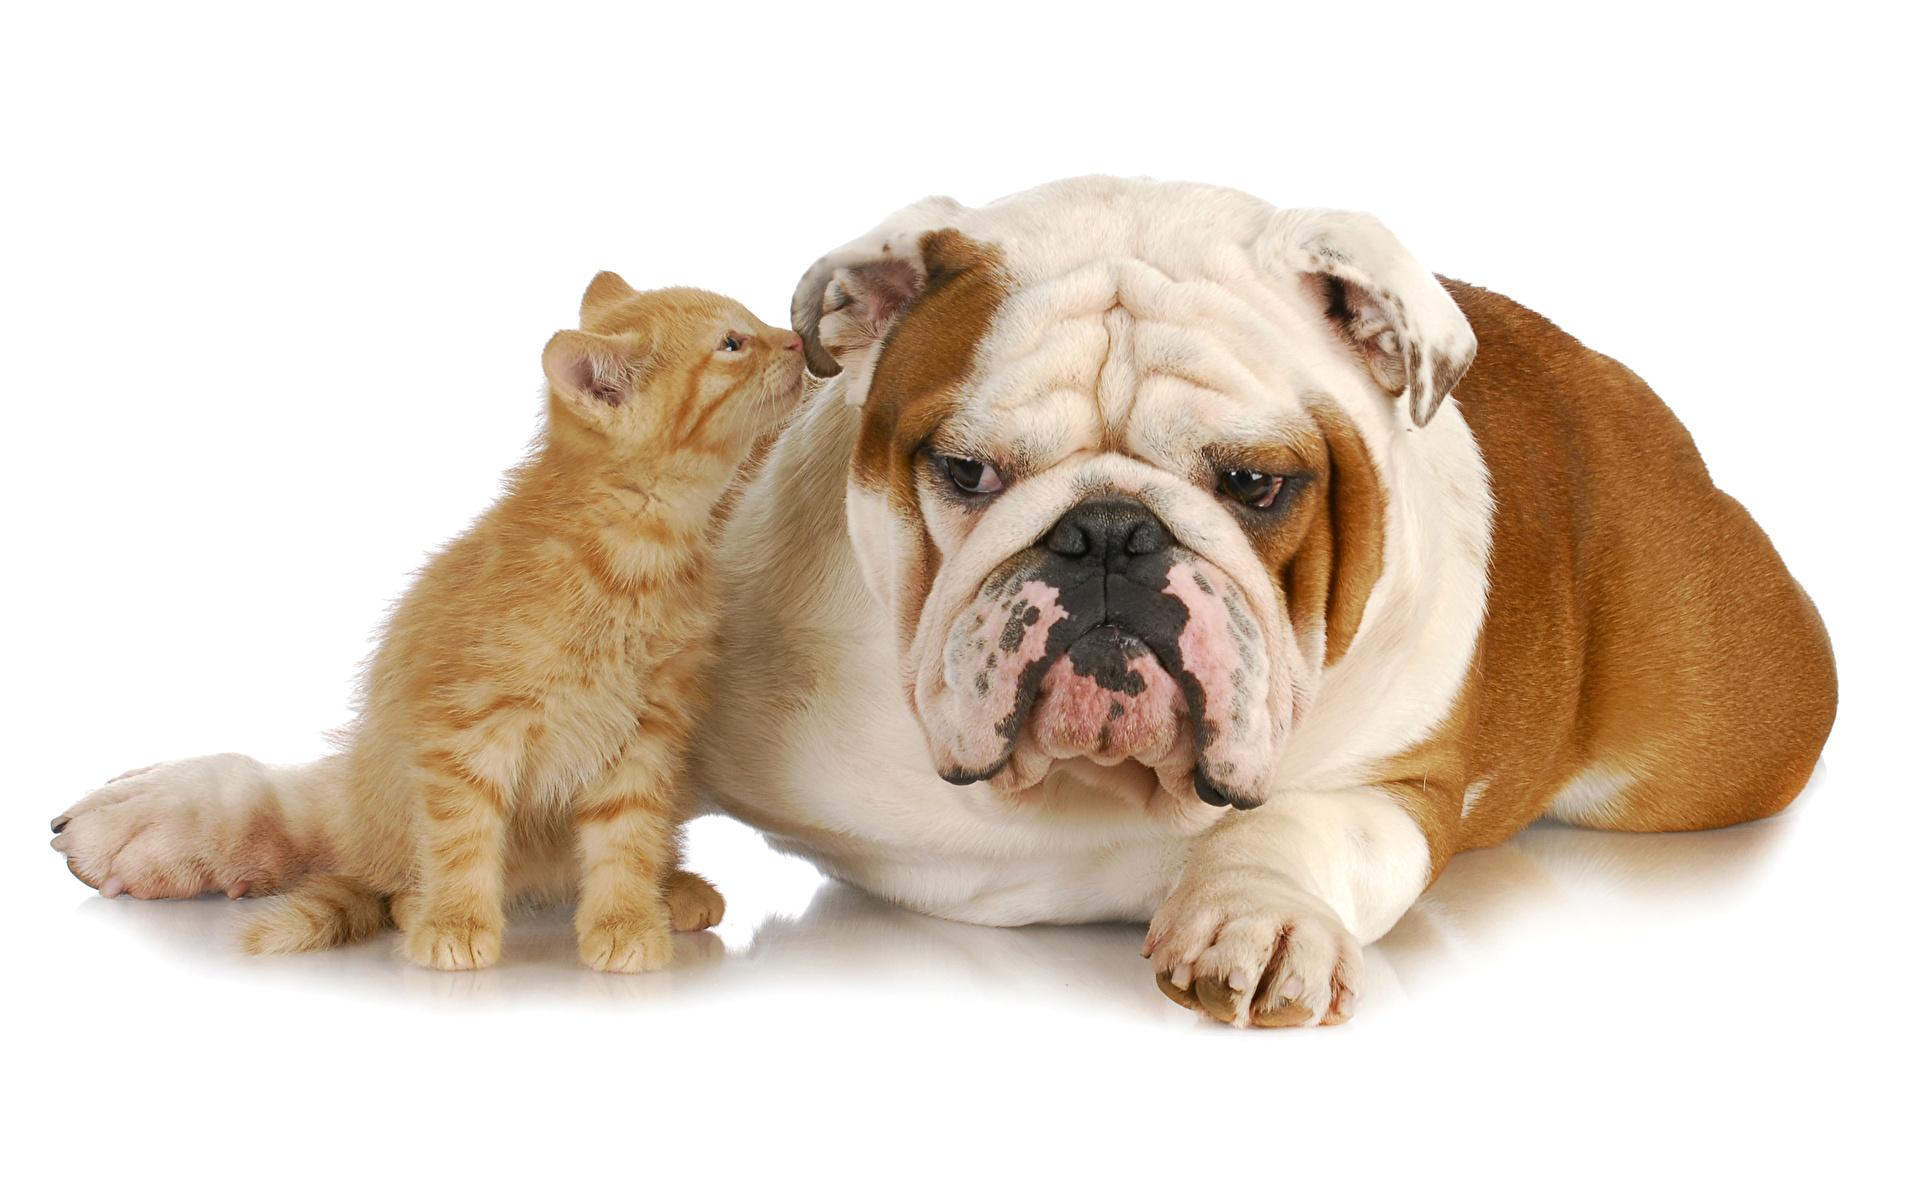 Foto Bulldogg Kattungar hund katt Två 2 Djur 1920x1200 Hundar Katter tamkatt